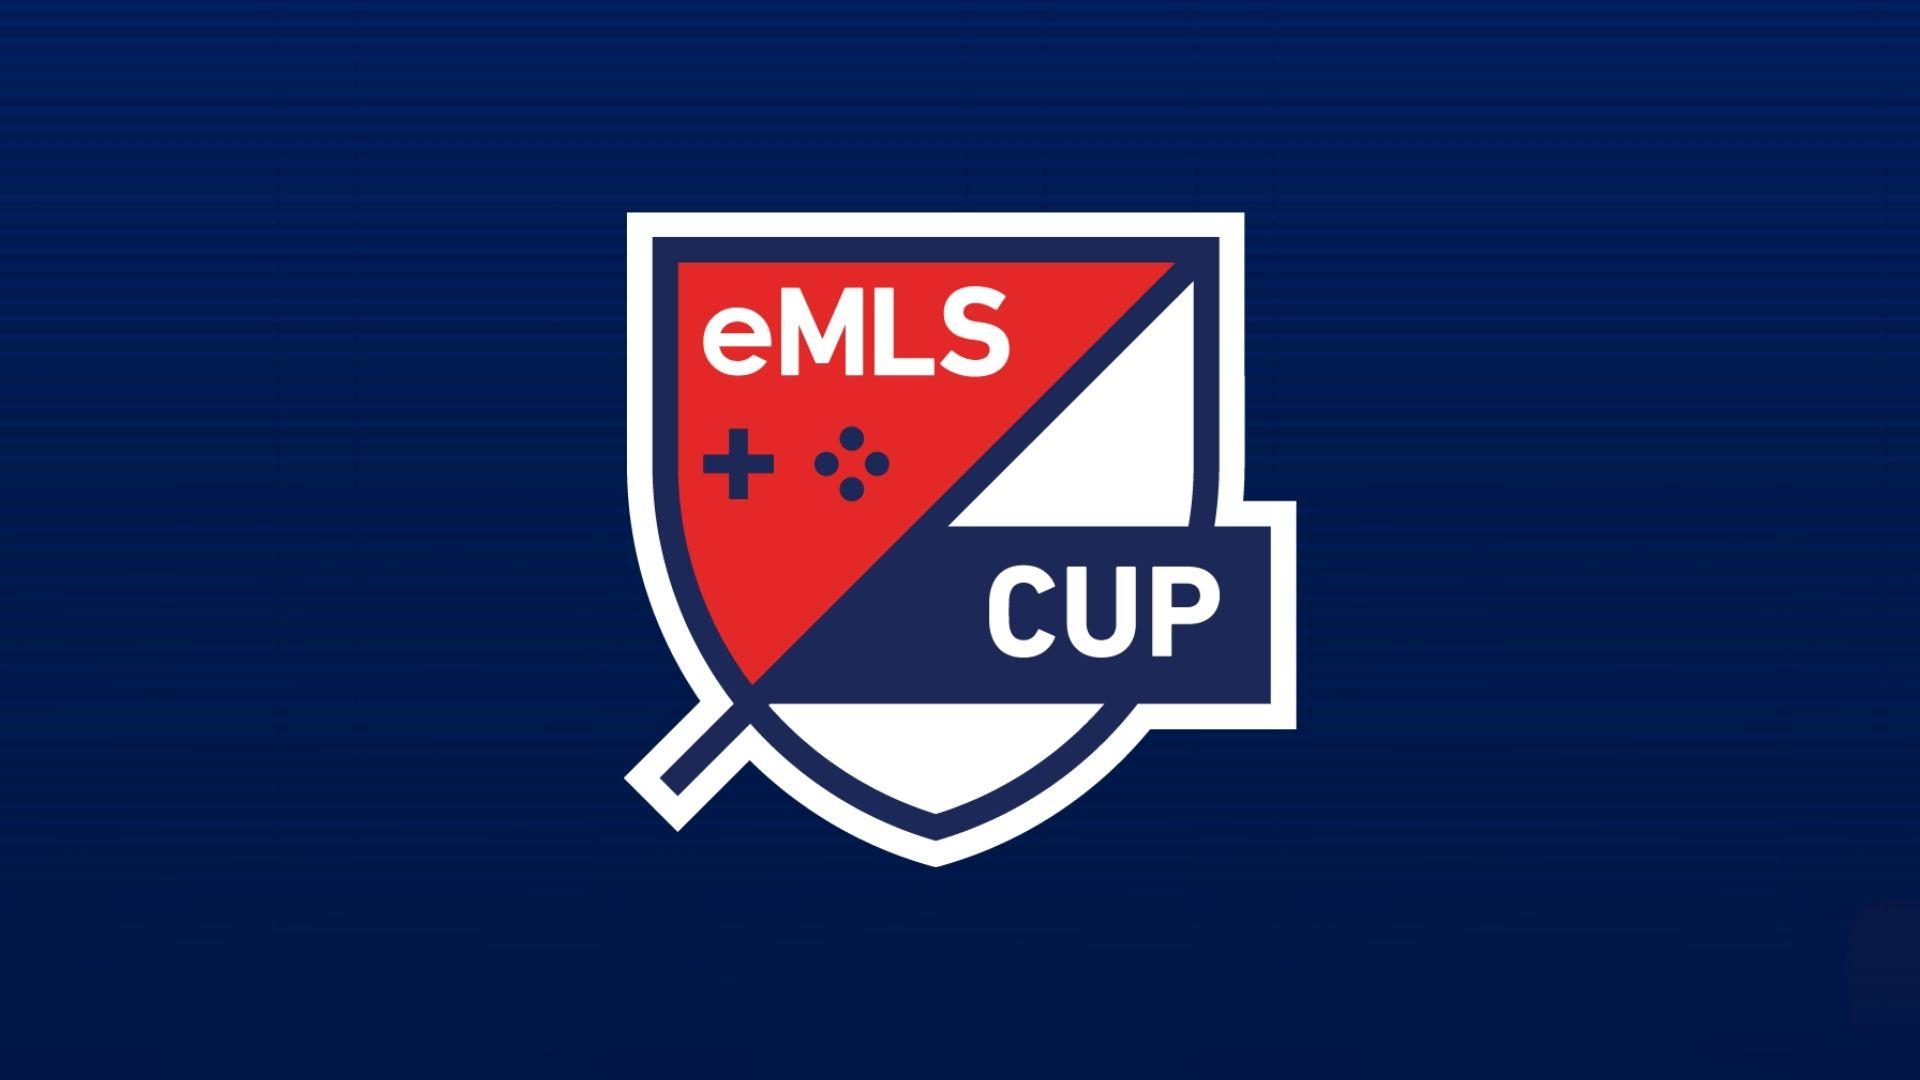 eMLS Cup 2021